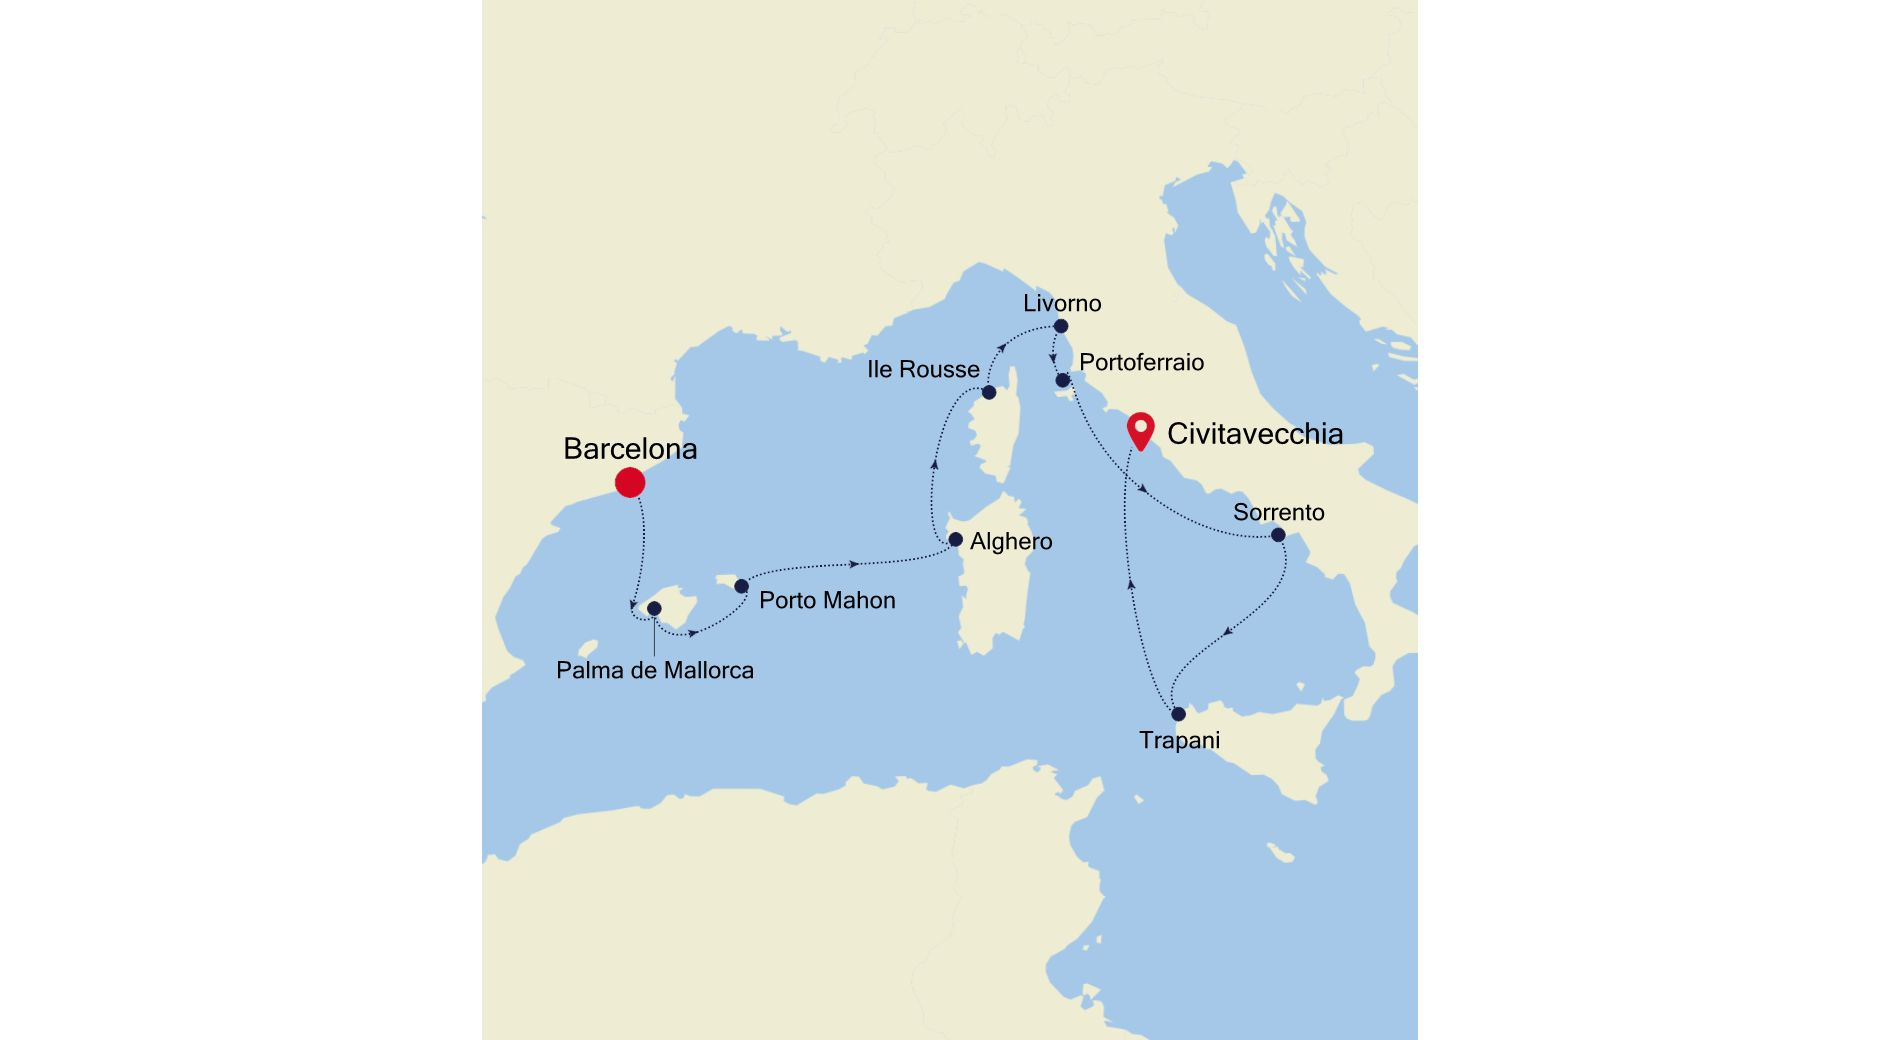 SS200630010 - Barcelona to Civitavecchia